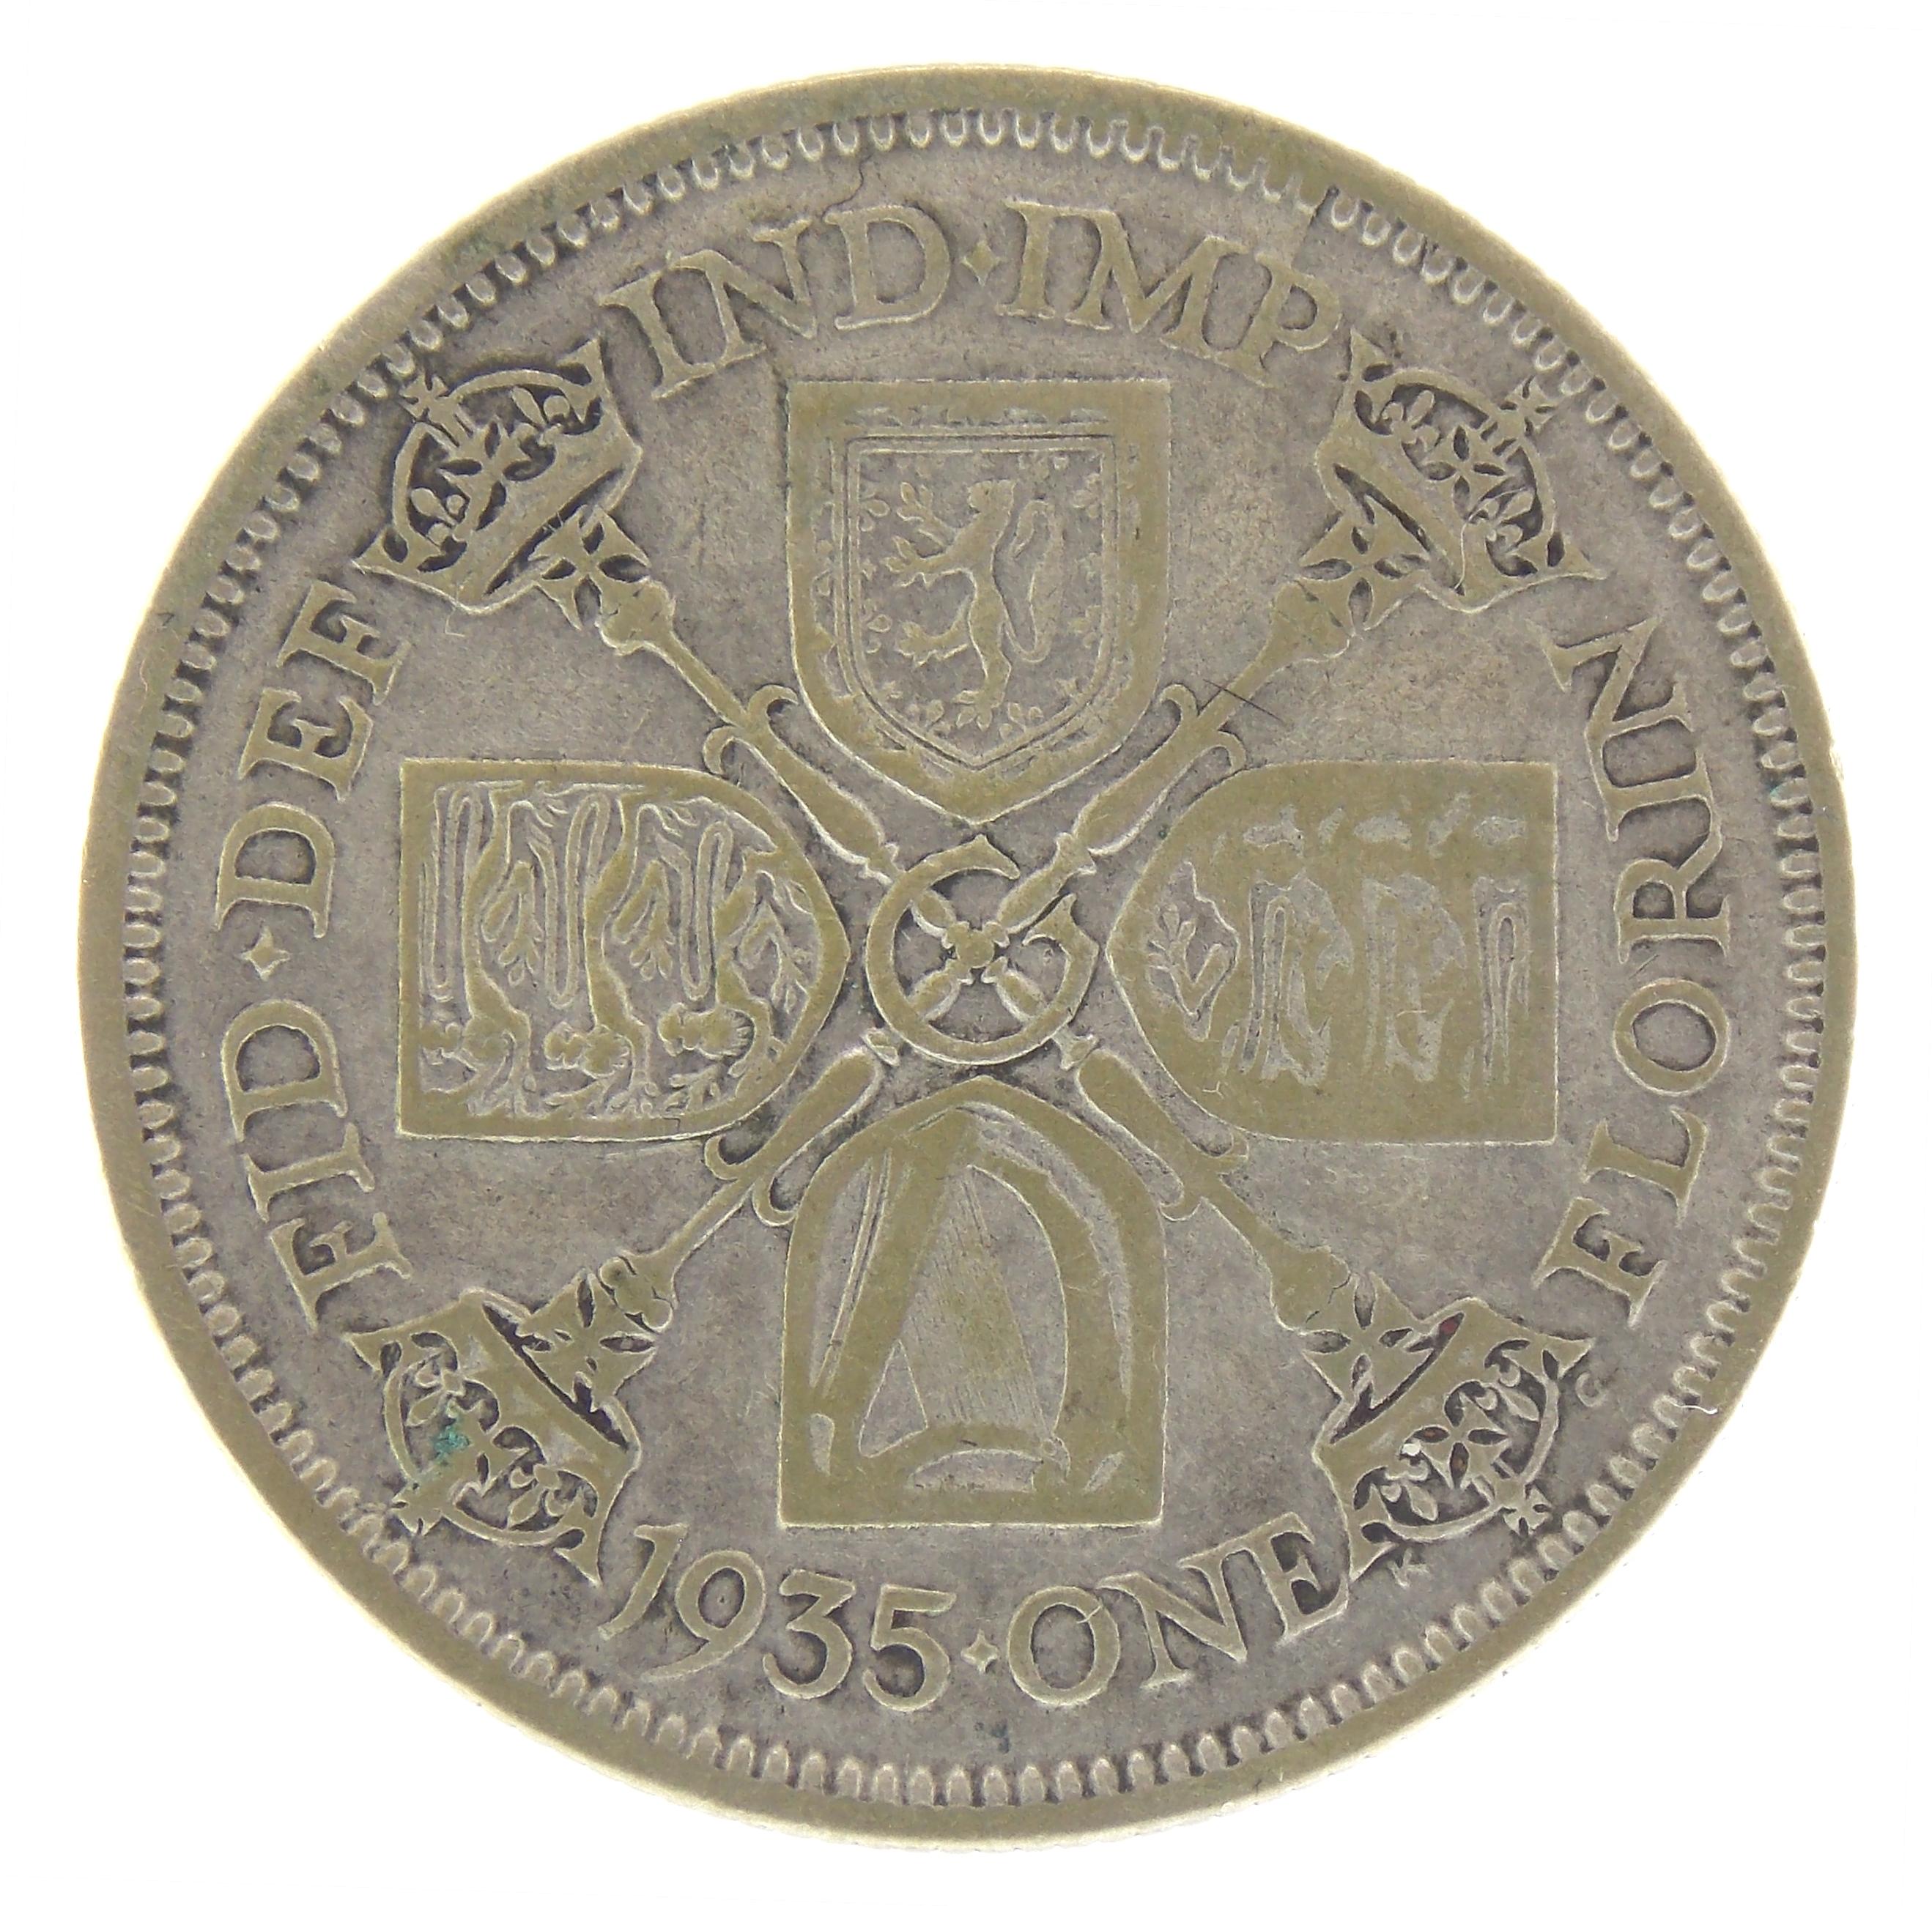 2 шиллинга (флорин) 1935 г.